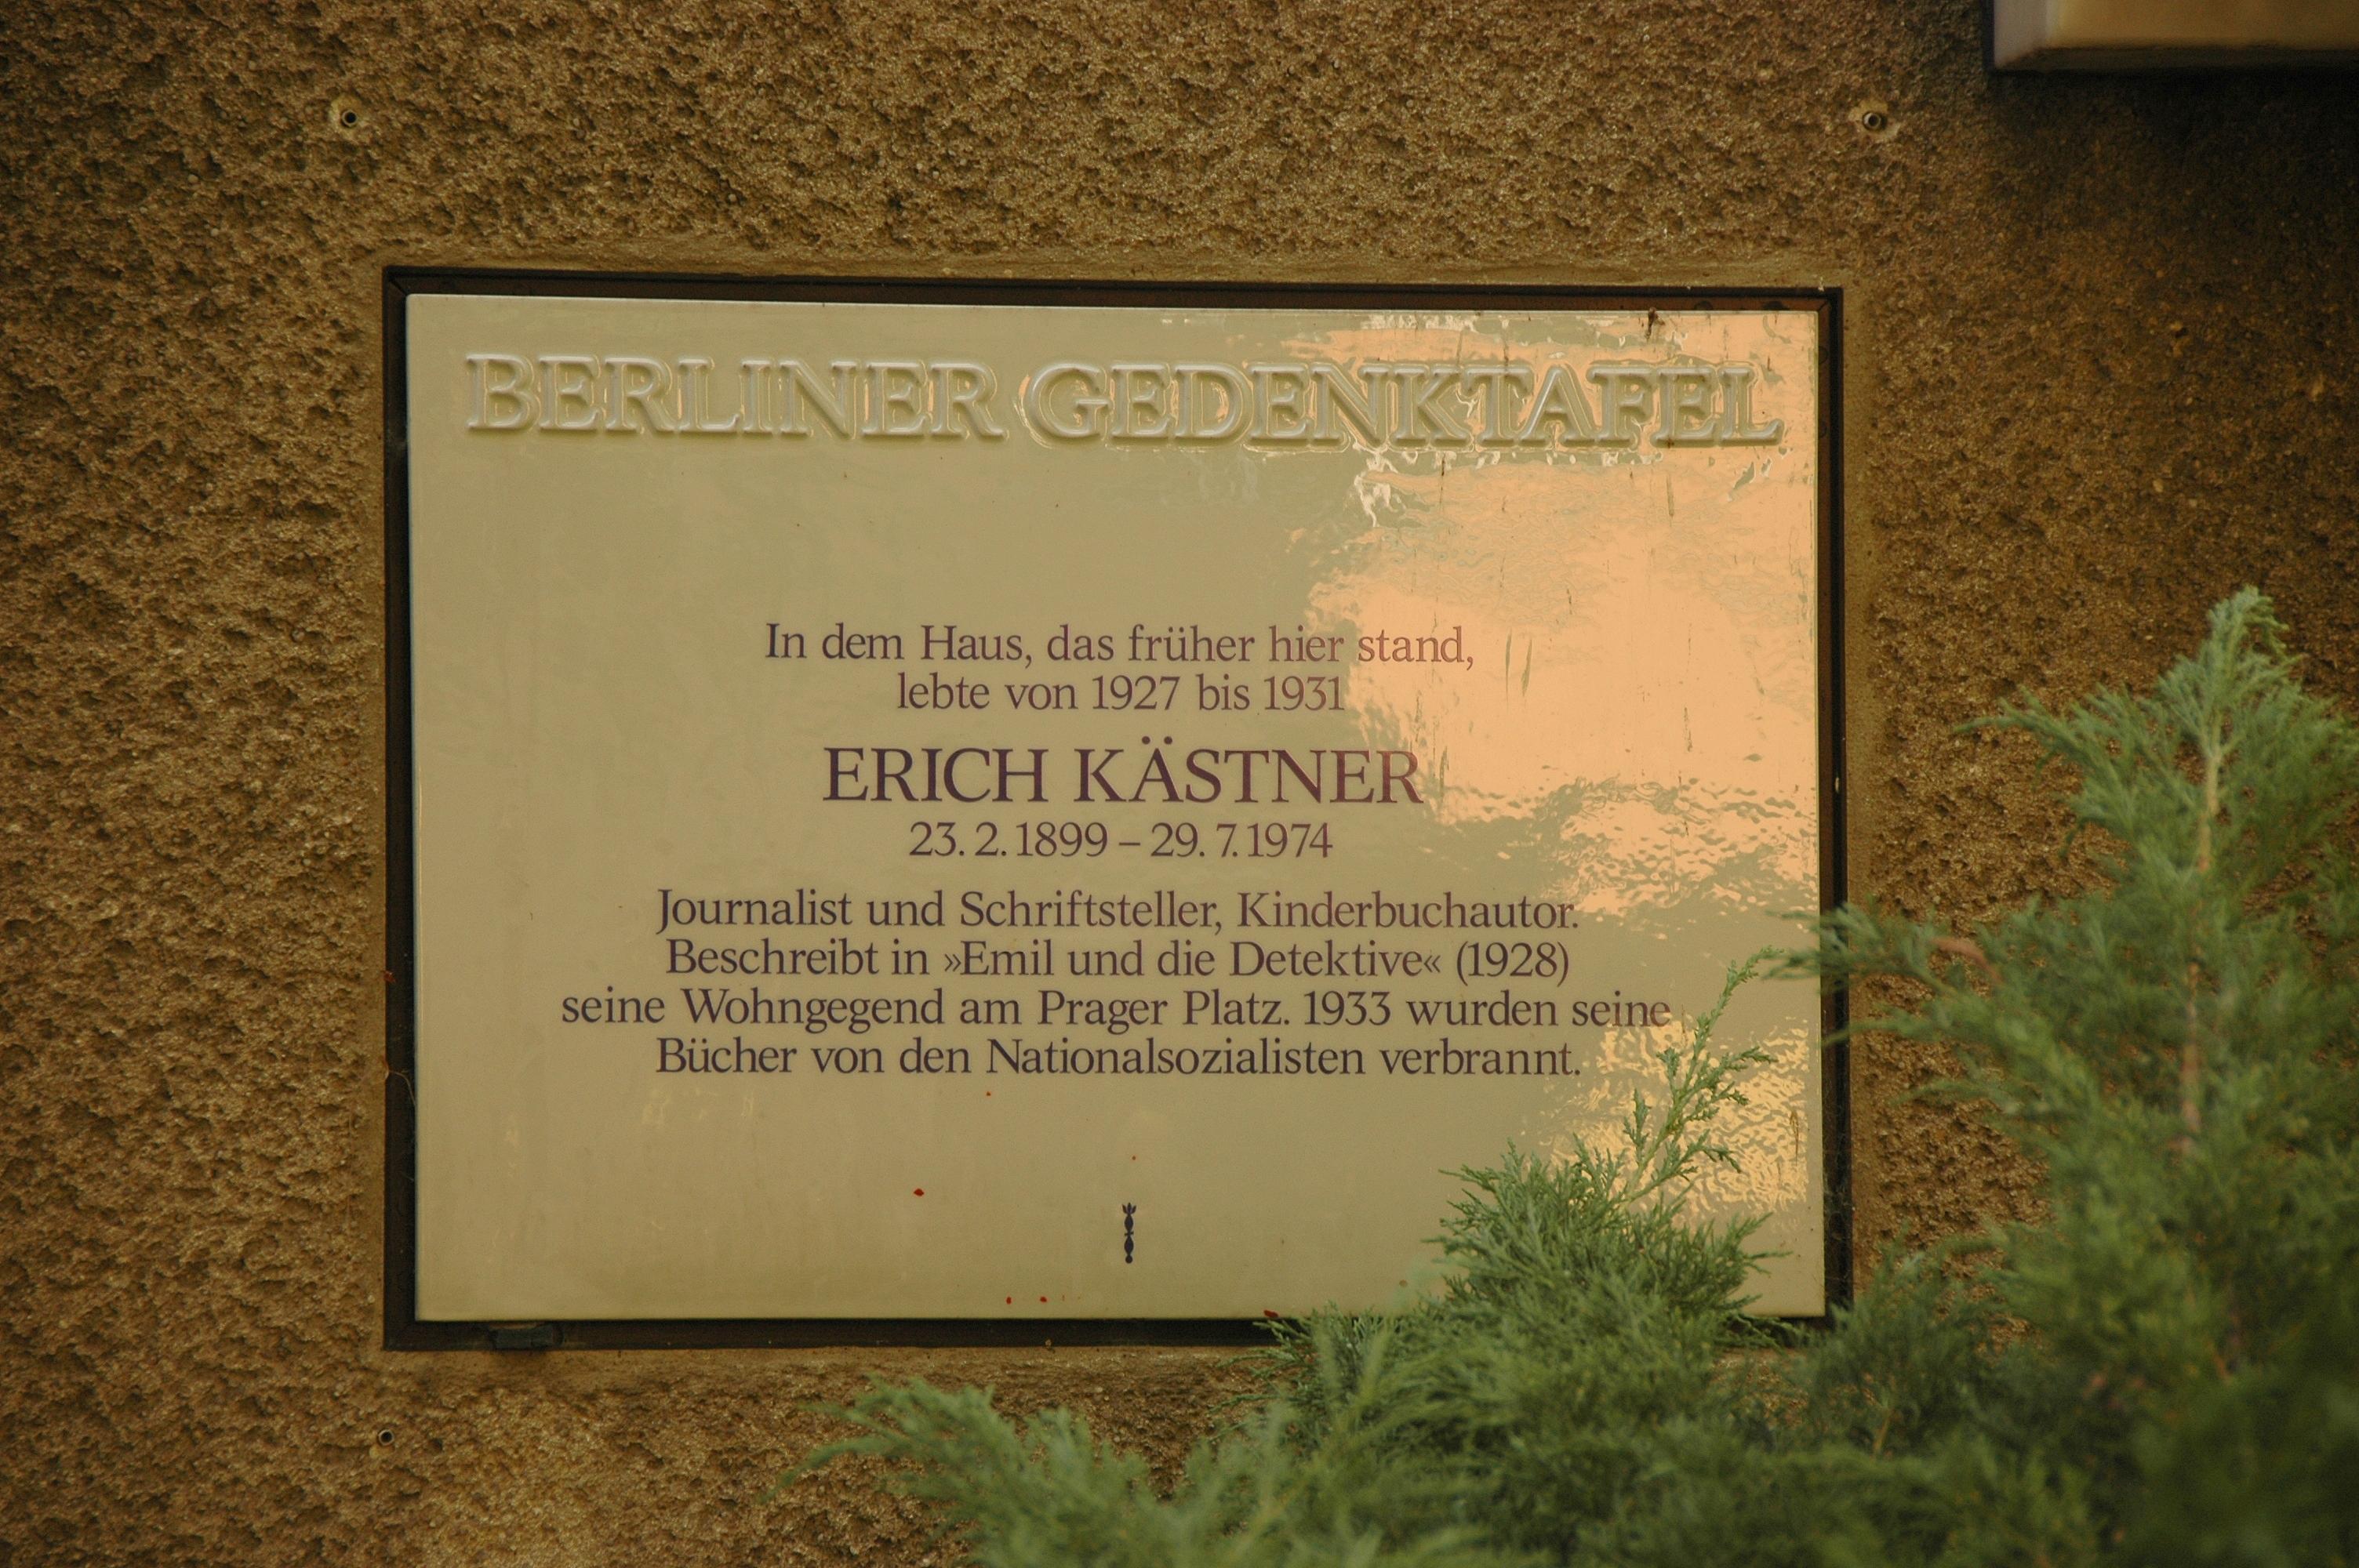 berliner gedenktafel am haus prager strae 6 nahe der wilmersdorfer wohnung - Erich Kastner Lebenslauf